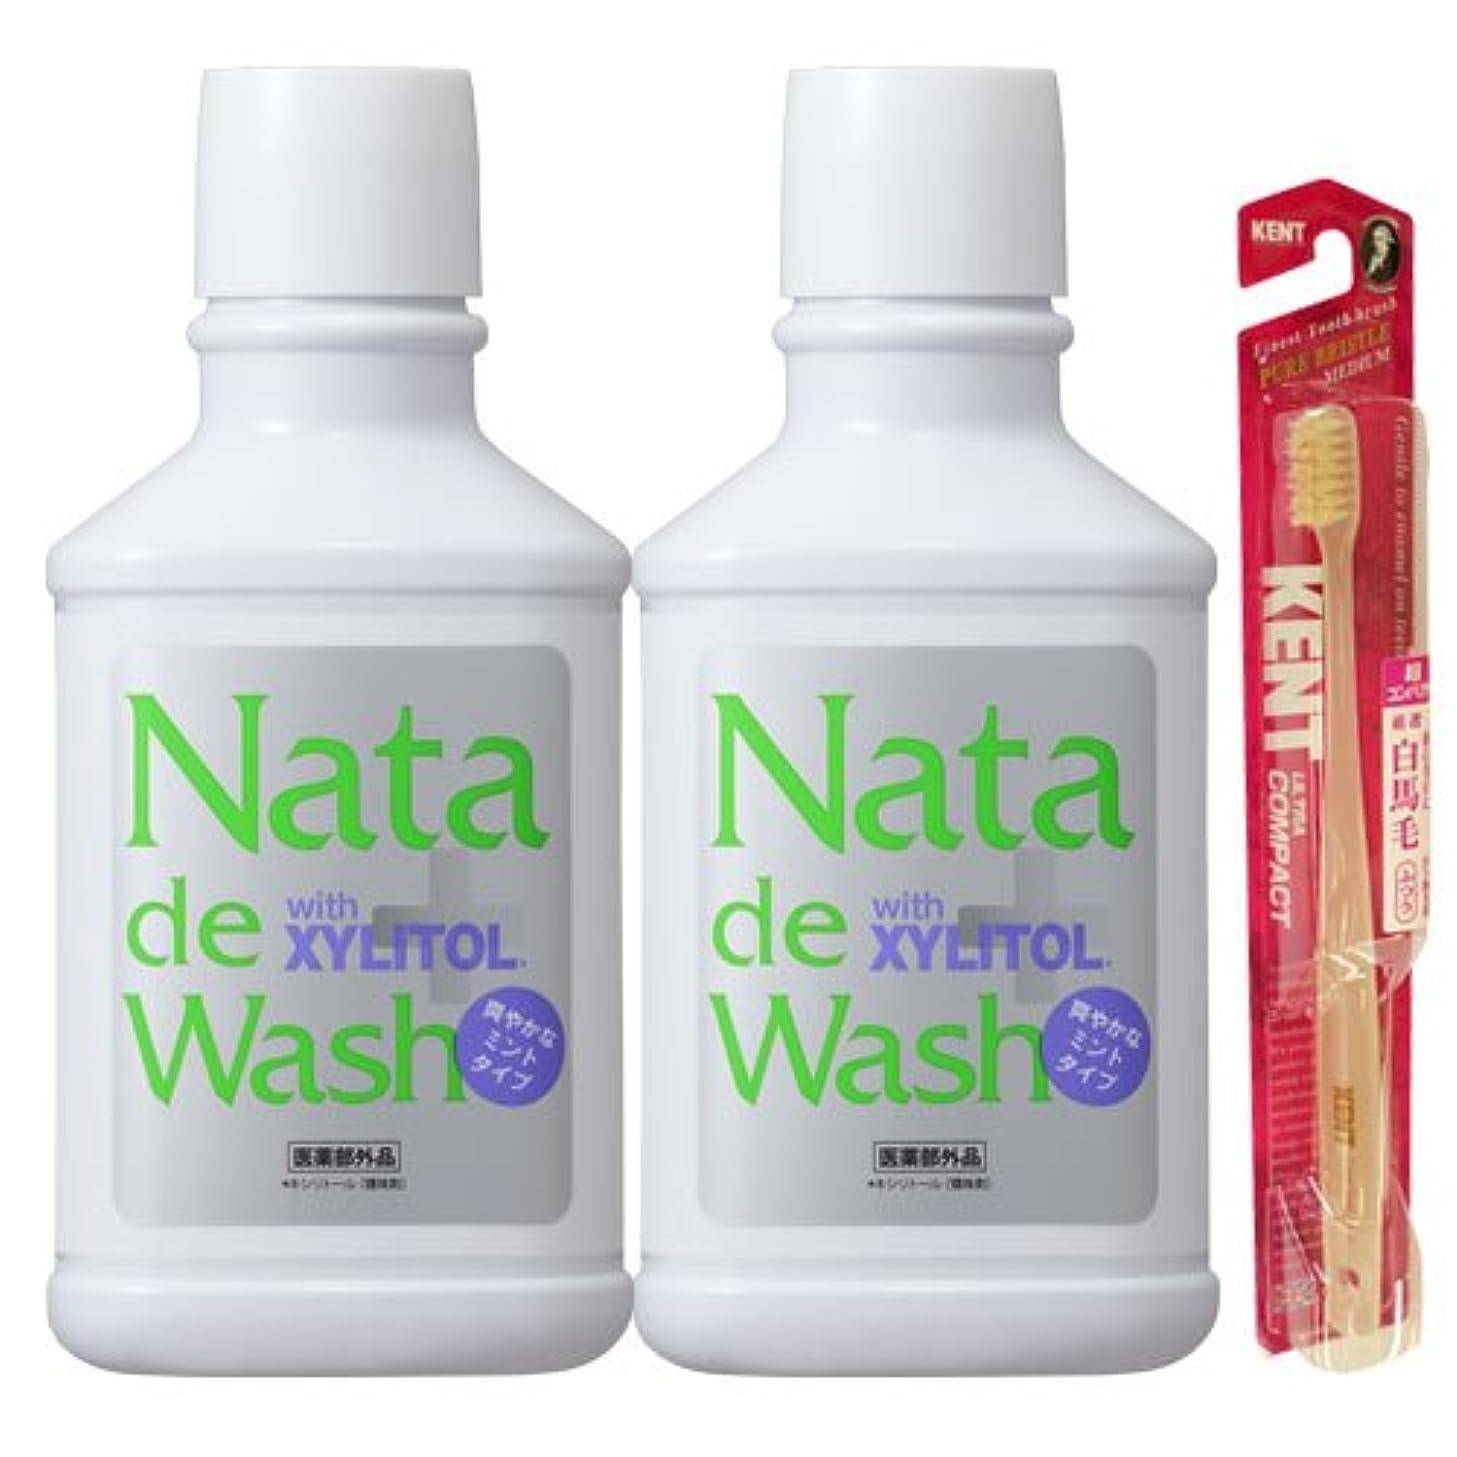 旋律的水っぽいつぶやき薬用ナタデウォッシュ 爽やかなミントタイプ 500ml 2本& KENT歯ブラシ1本プレゼント